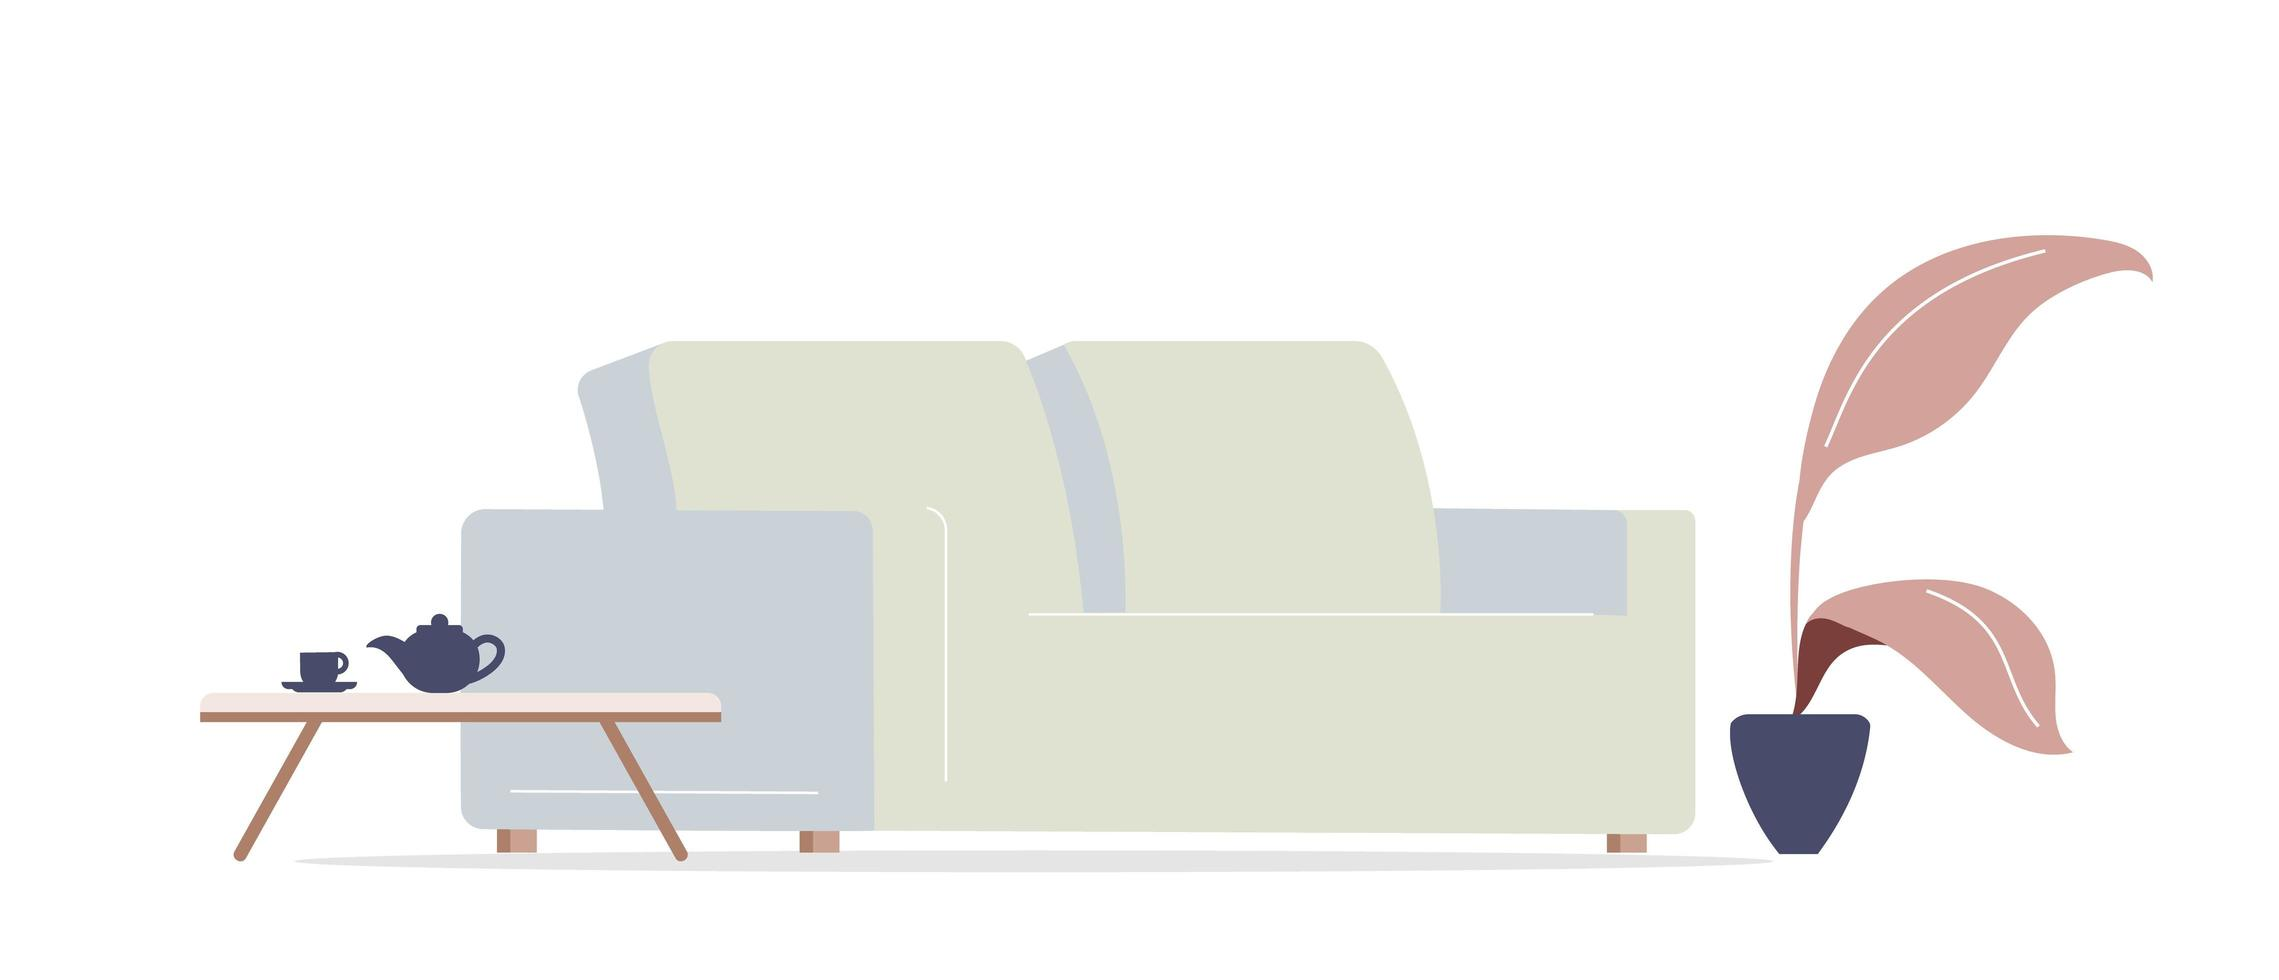 divano del soggiorno vettore